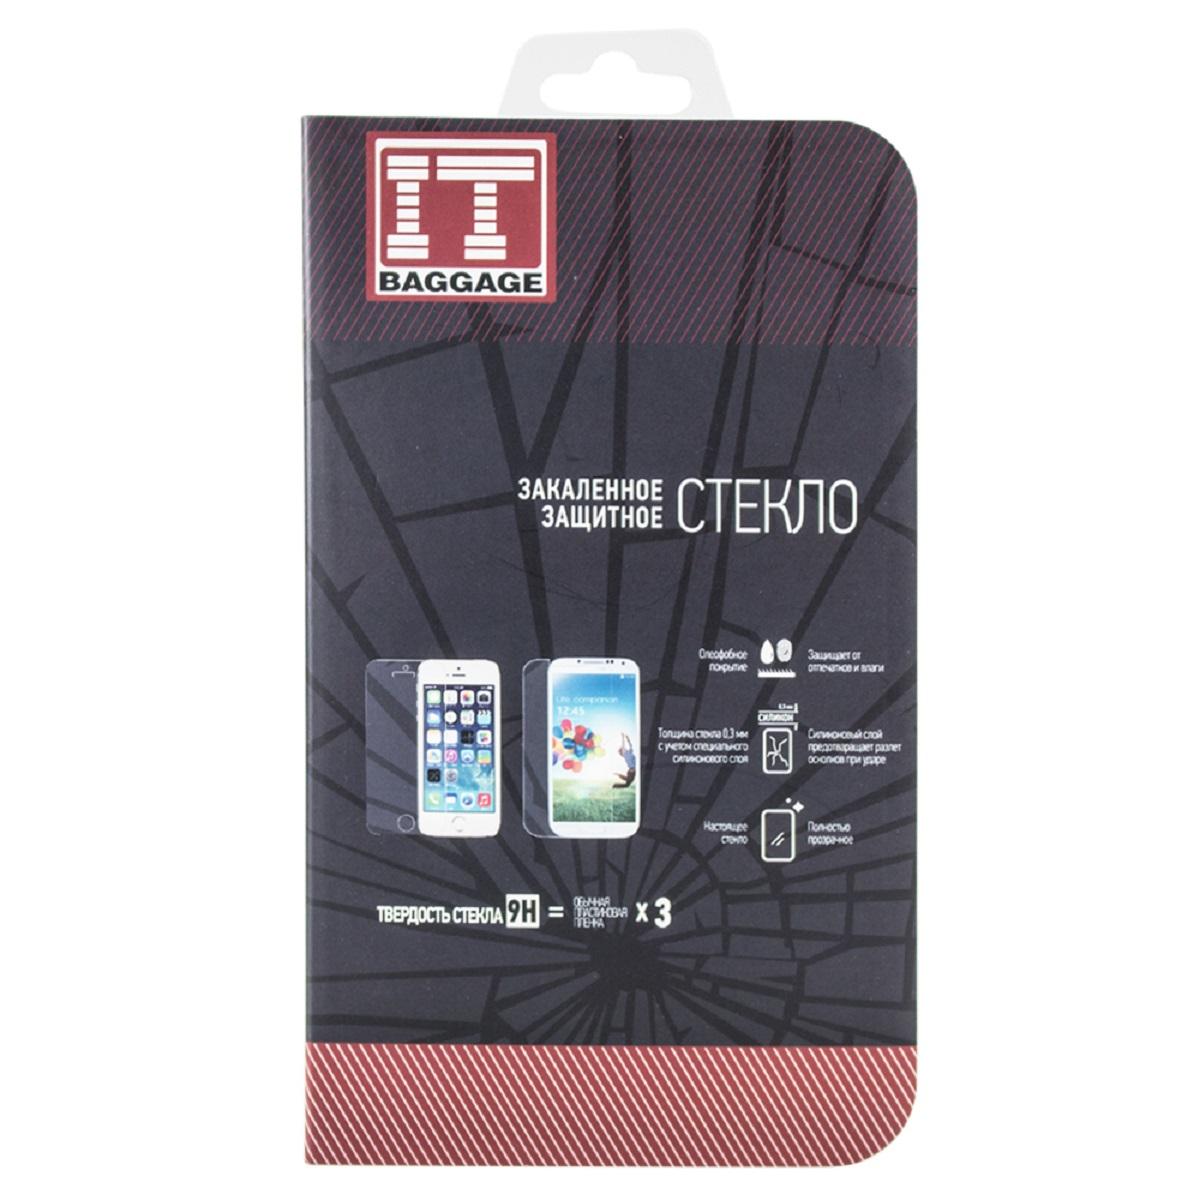 IT Baggage защитное стекло для Asus ZenFone Selfie ZD551KLITASZD551GЗакаленное стекло IT Baggage для Asus ZenFone Selfie (ZD551KL) - это самый верный способ защитить экран от повреждений и загрязнений. Обладает высочайшим уровнем прозрачности и совершенно не влияет на отклик экранного сенсора и качество изображения. Препятствует появлению отпечатков и пятен. Удалить следы жира и косметики с поверхности аксессуара не составить ни какого труда.Характеристики защитного стекла делают его износостойким к таким механическим повреждениям, как царапины, сколы, потертости. При сильном ударе разбившееся стекло не разлетается на осколки, предохраняя вас от порезов, а экран устройства от повреждений.После снятия защитного стекла с поверхности дисплея, на нем не остаются повреждения, такие как потертости и царапины.